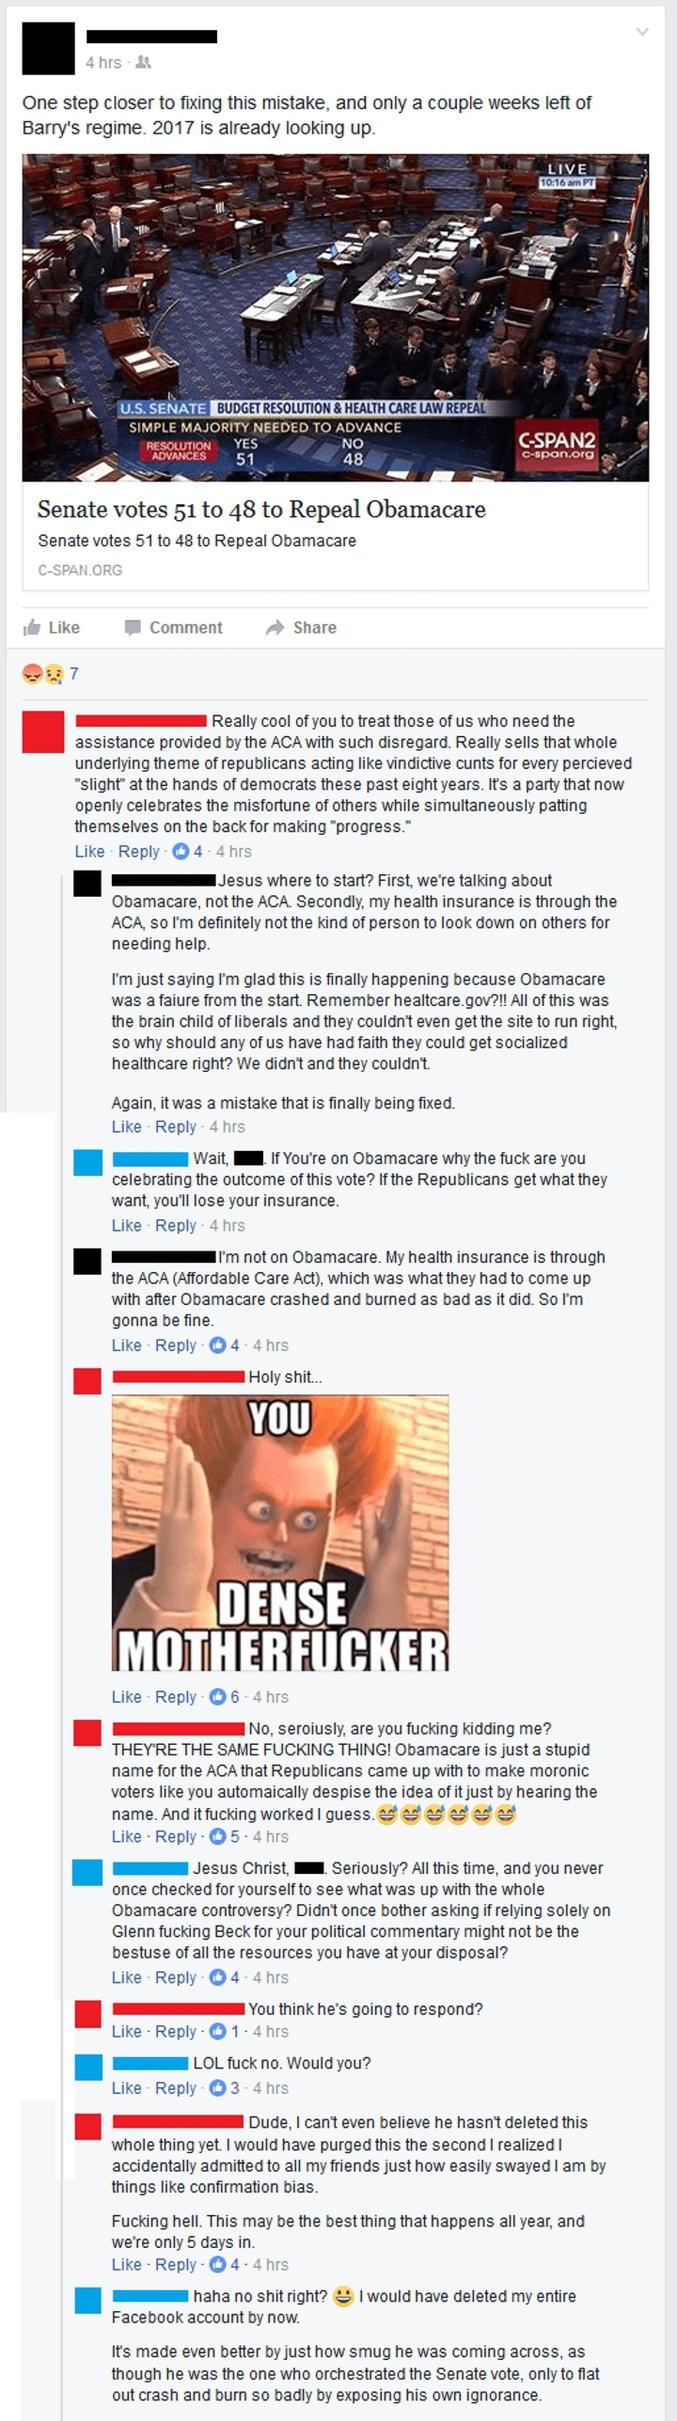 """Pour les non-anglophiles : > un gars célèbre l'annulation """"d'Obamacare"""" sur Facebook > on lui fait remarquer que c'est pas sympa pour ceux qui ont besoin de """"l'ACA"""" (Affordable Care Act) > il répond qu'il est sous l'ACA lui-même > on lui fait remarquer que l'ACA est le nom officiel de l'Obamacare > ** votre interlocuteur ne répond plus **  #voteAvecTesTripes"""